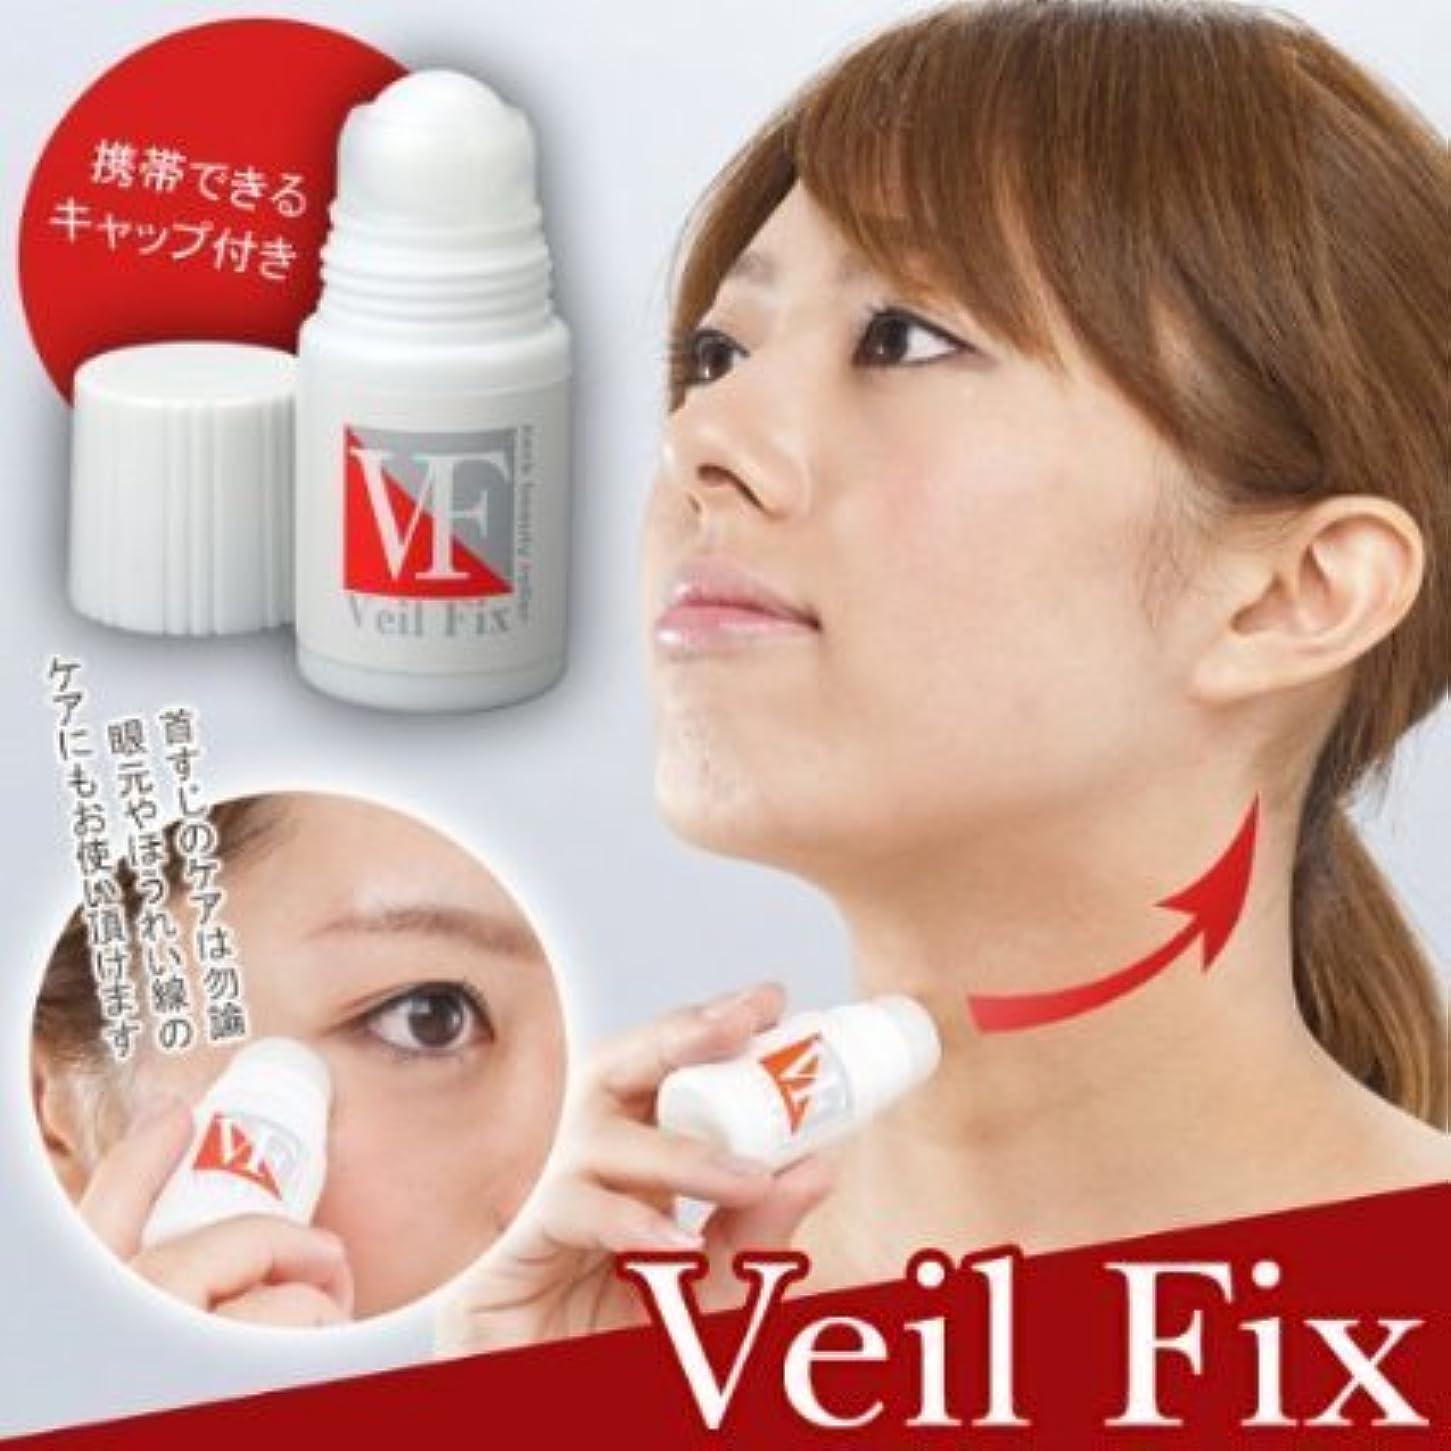 ソブリケット交渉するボタンVeil Fix neck beauty roller(ヴェイル フィックス ネックビューティーローラー)VFエッセンス 20ml